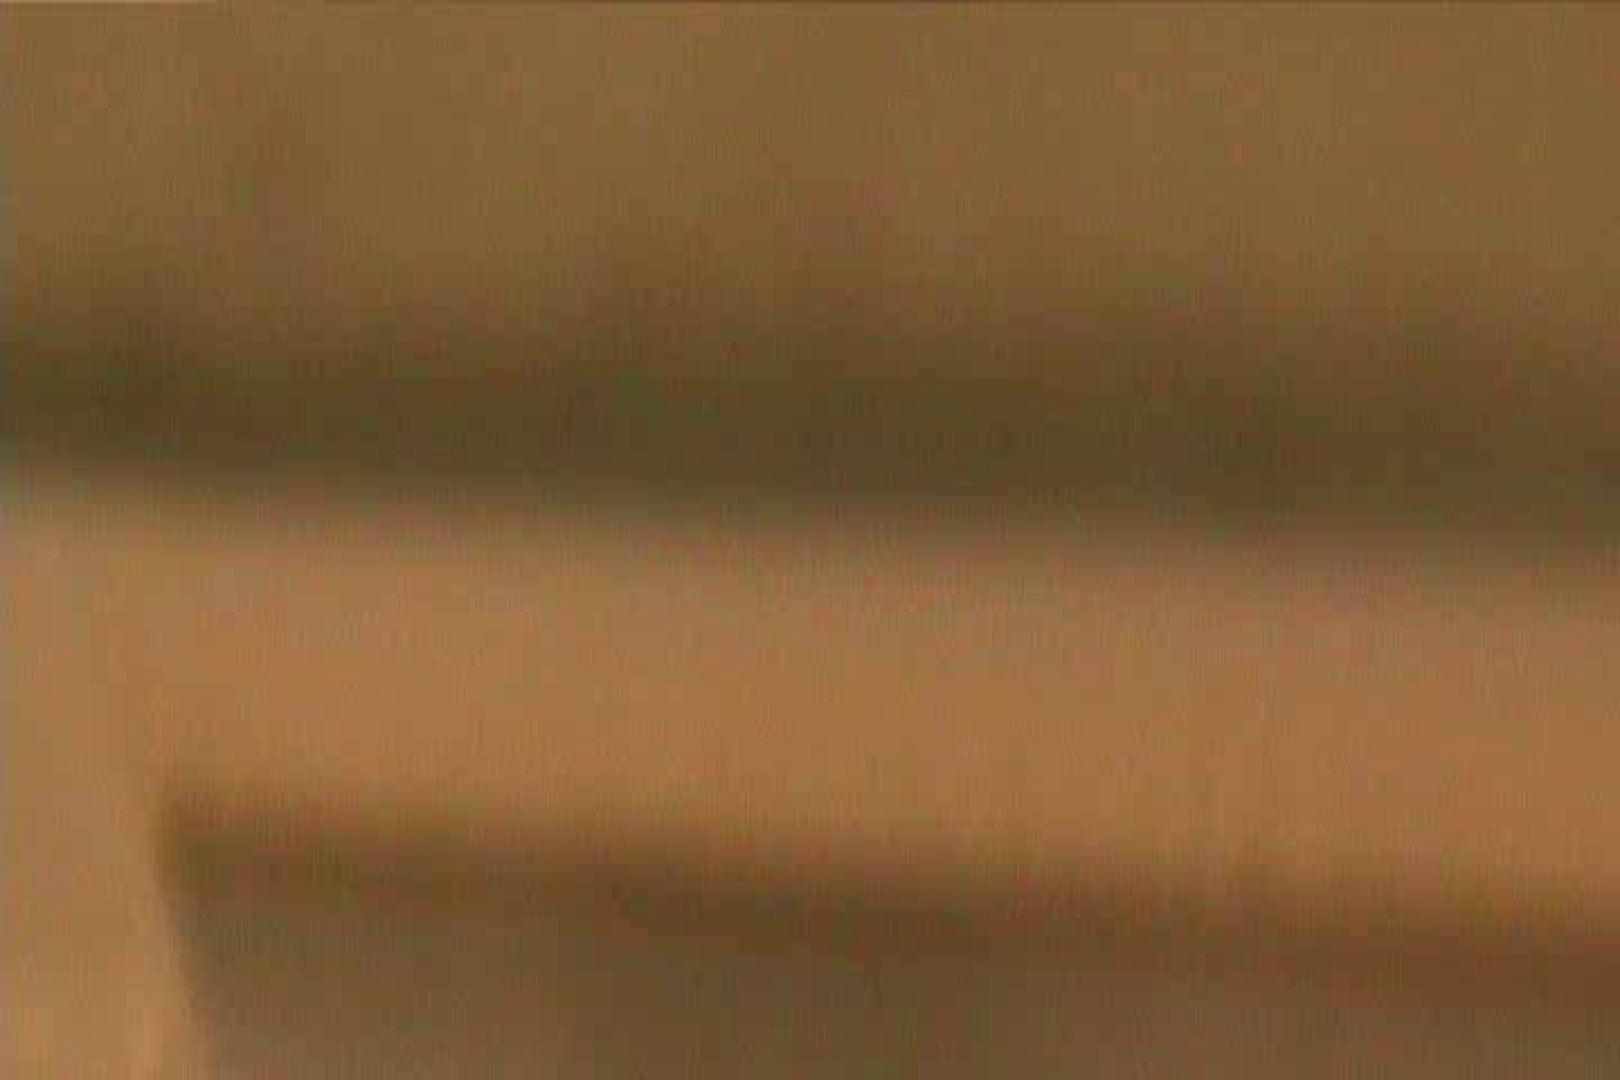 マンコ丸見え女子洗面所Vol.28 洗面所突入 オメコ動画キャプチャ 78pic 44